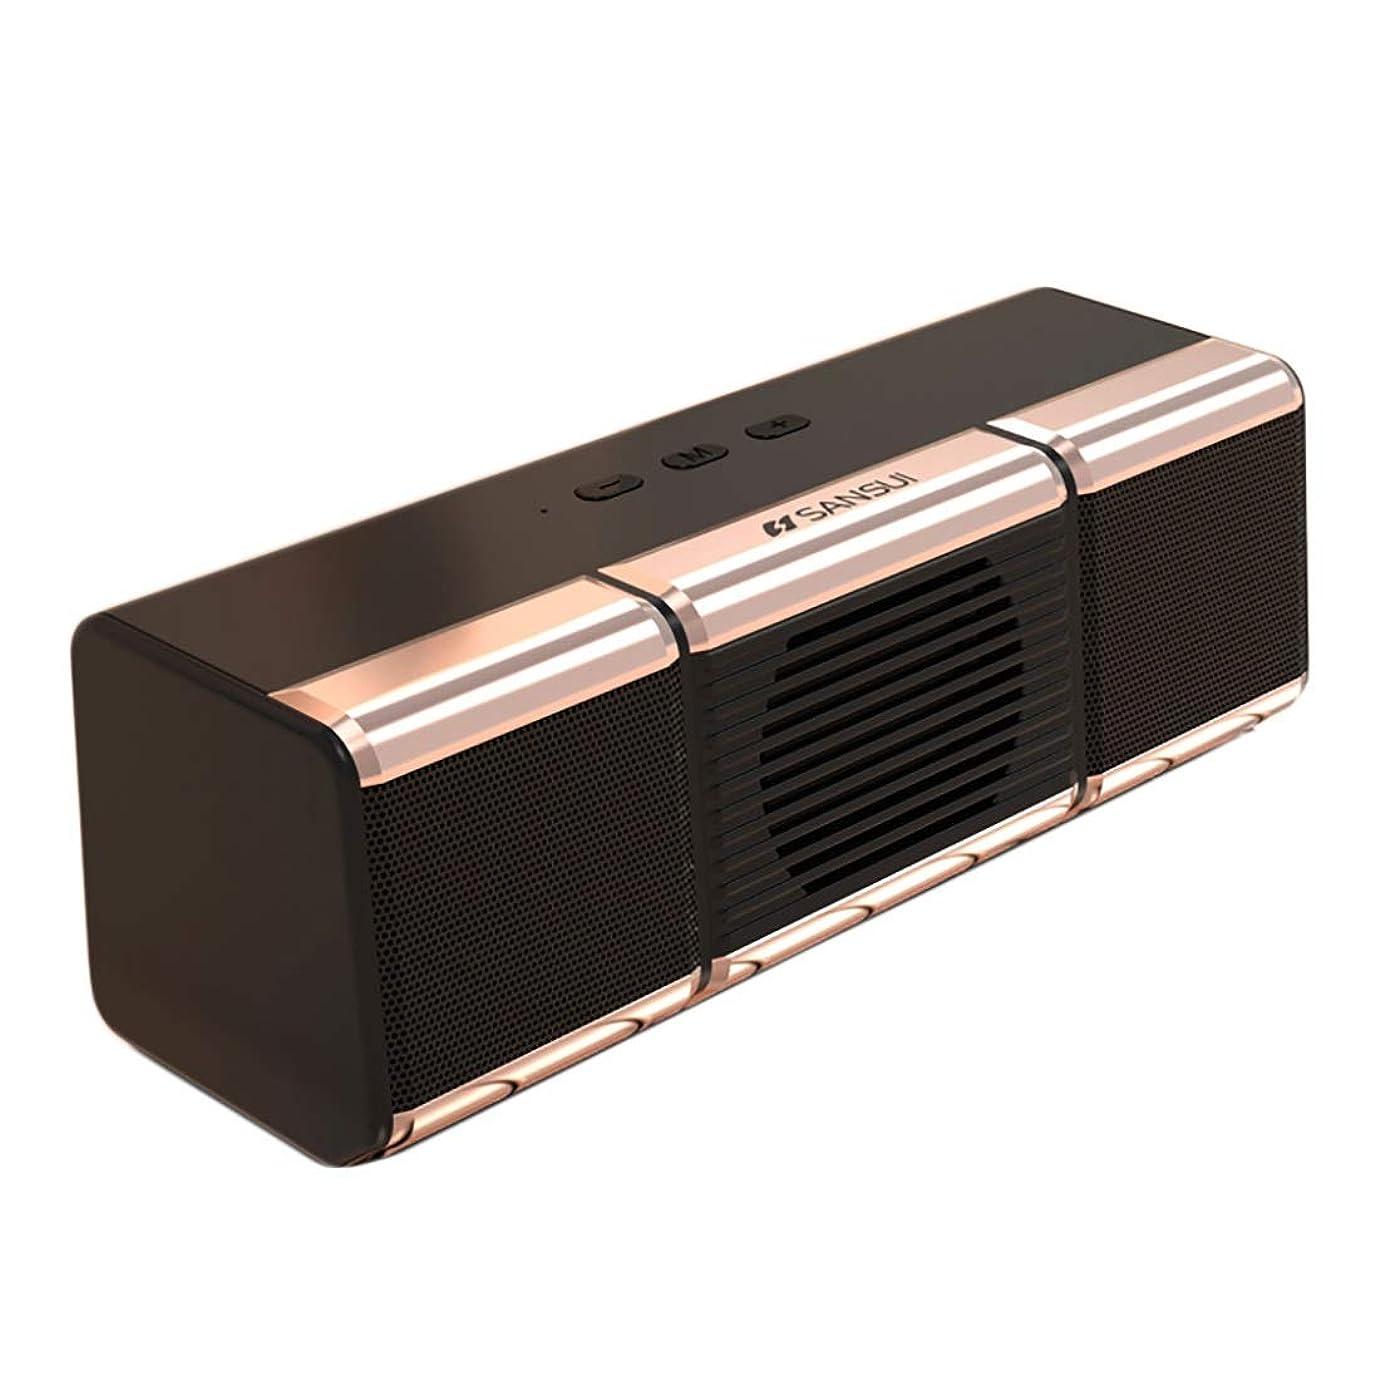 不明瞭学んだ最小化するXIAOXIAN 携帯電話コンピュータカード小型プレーヤーとワイヤレスデュアルスピーカーのBluetoothスピーカー大容量ポータブルラジオ屋外のサブウーファーミニステレオ3Dサラウンドホーム (Color : Gold)